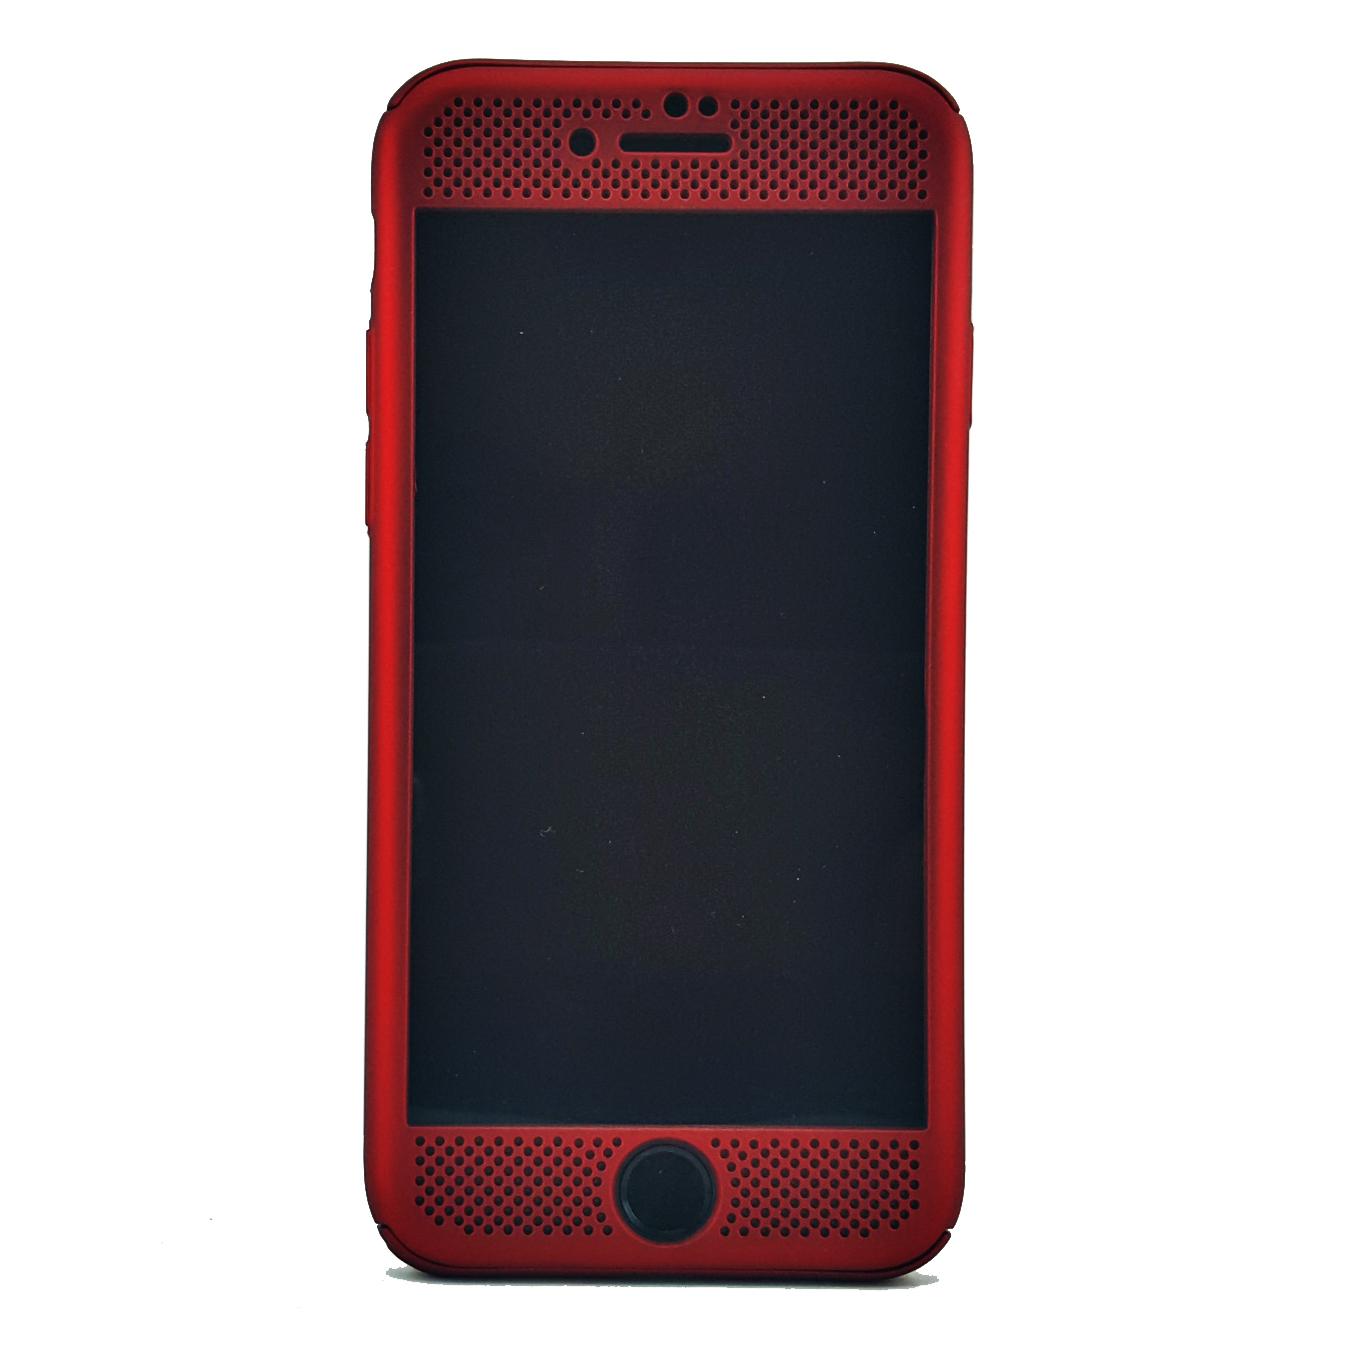 کاور ورسون مدل Shang مناسب برای گوشی iPhone7 / iPhone8